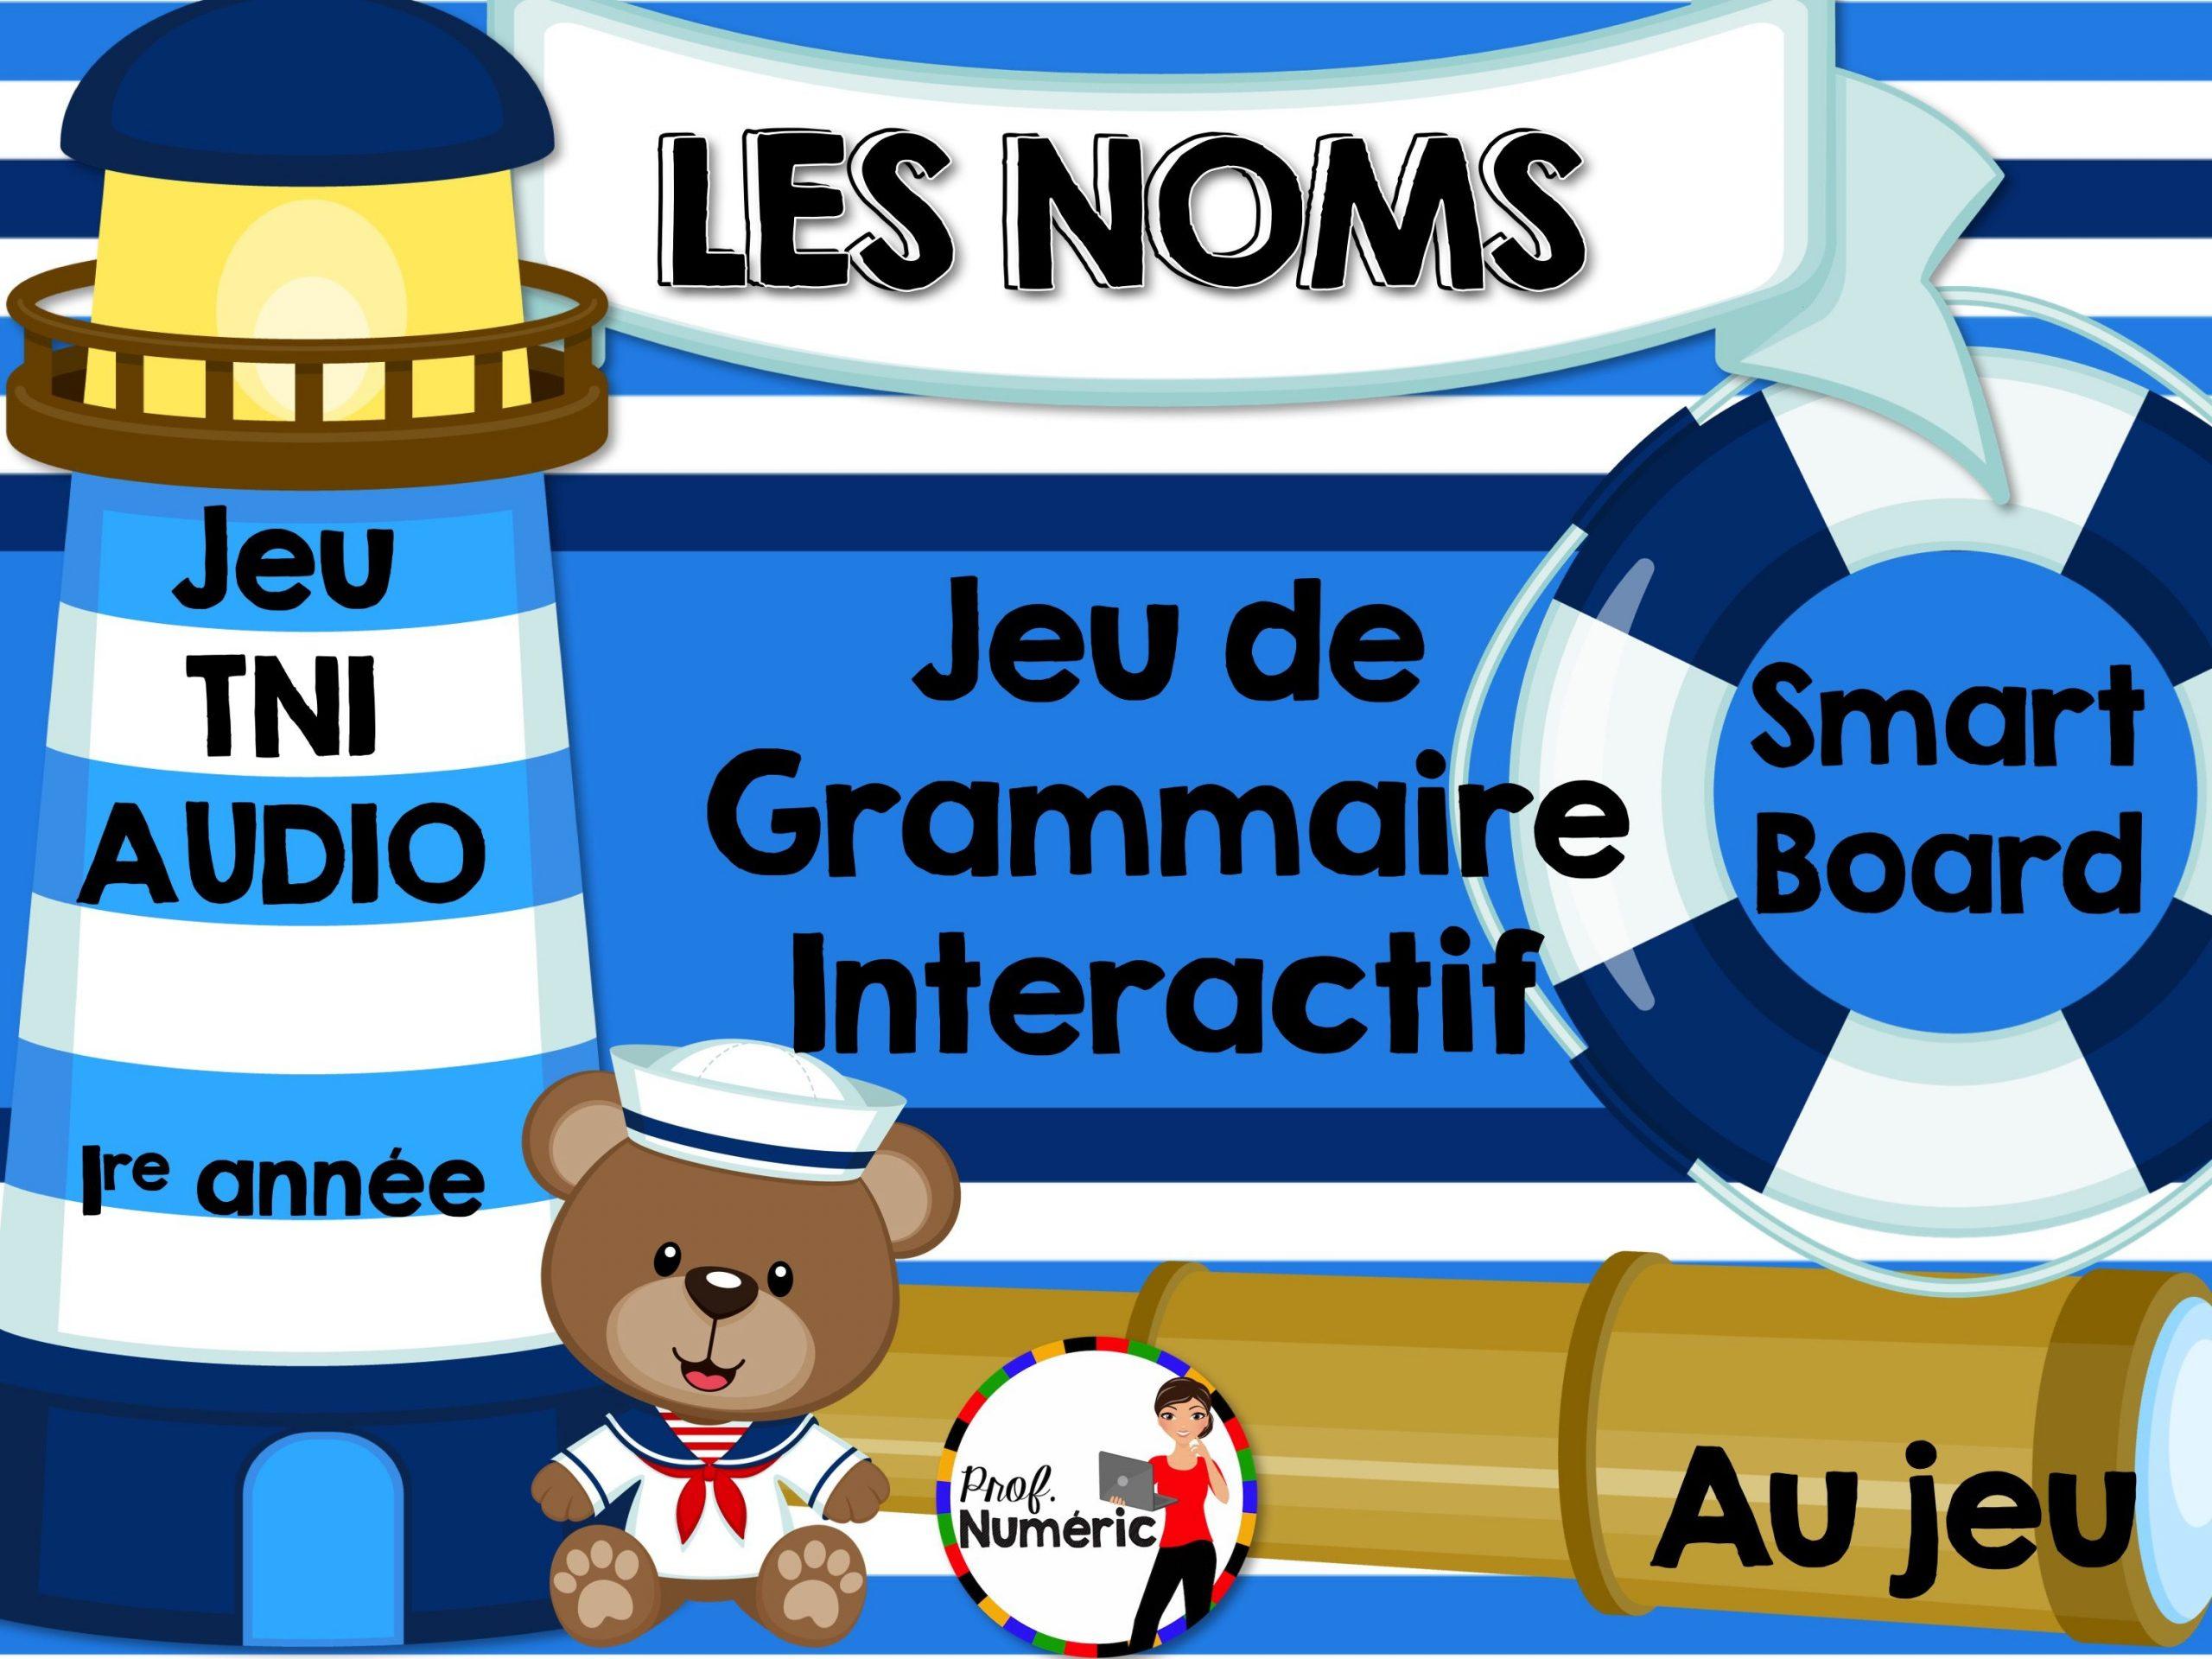 Les Noms - Jeu De Grammaire Tni Interactif | Jeux De destiné Jeux Interactifs Primaire